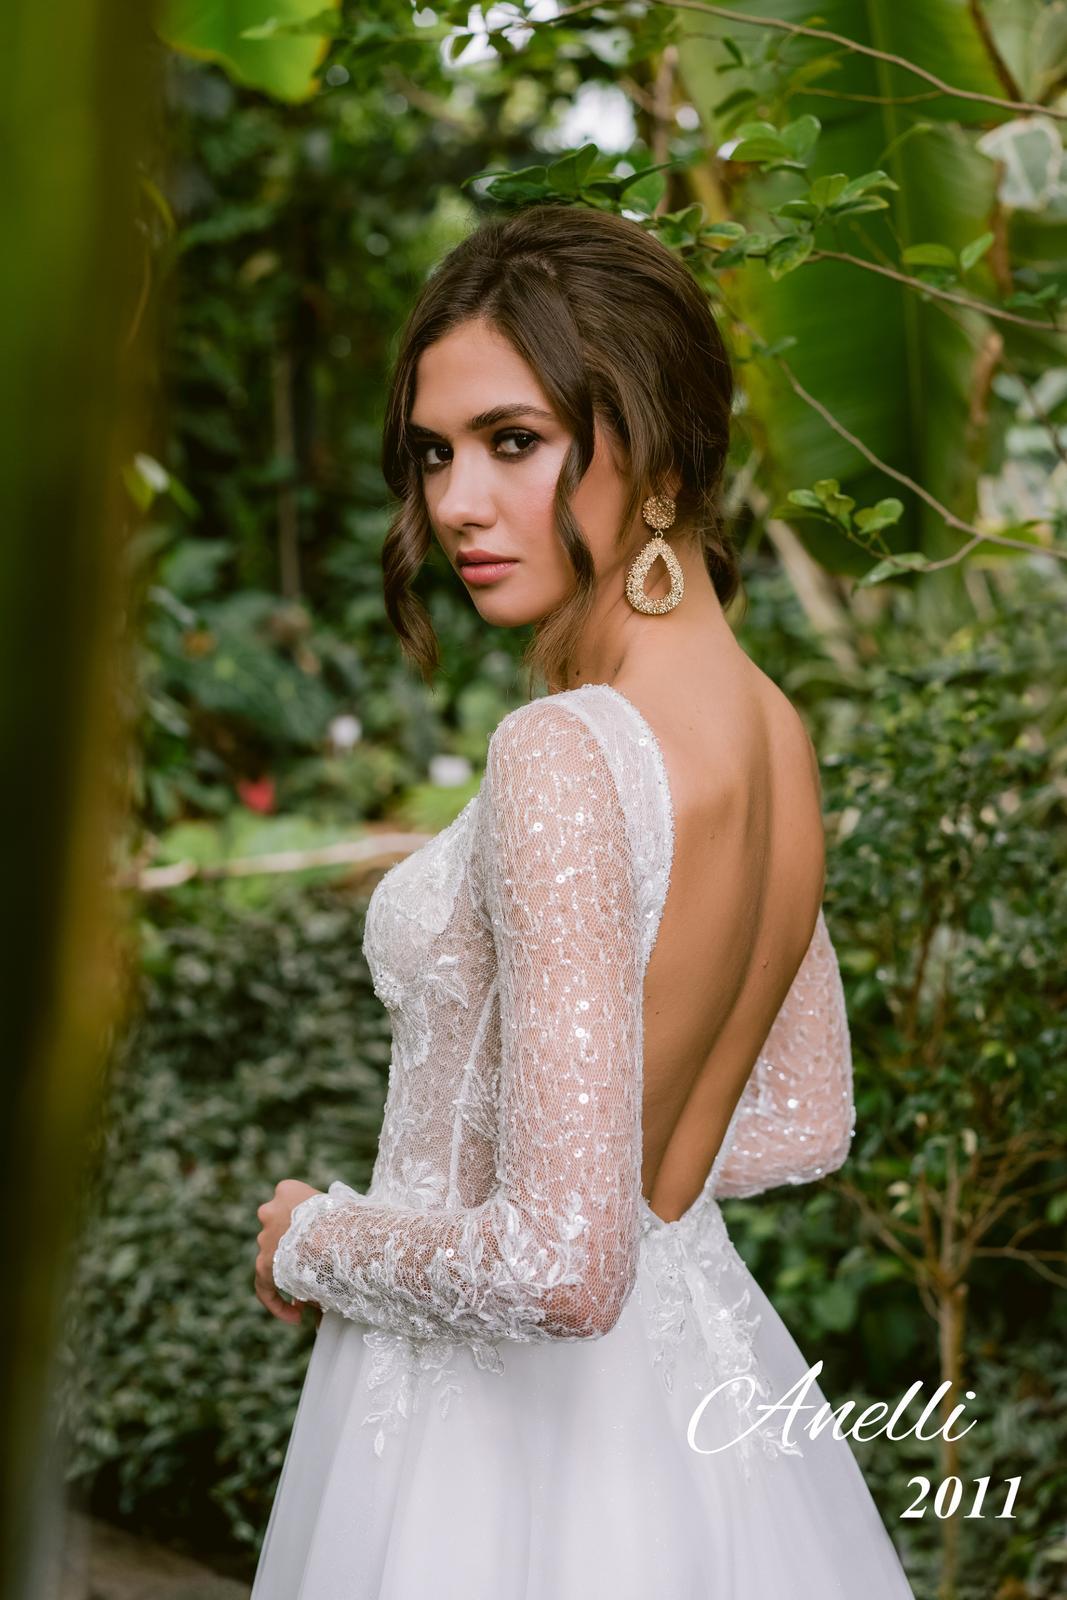 Svadobné šaty - Breeze 2011 - Obrázok č. 4